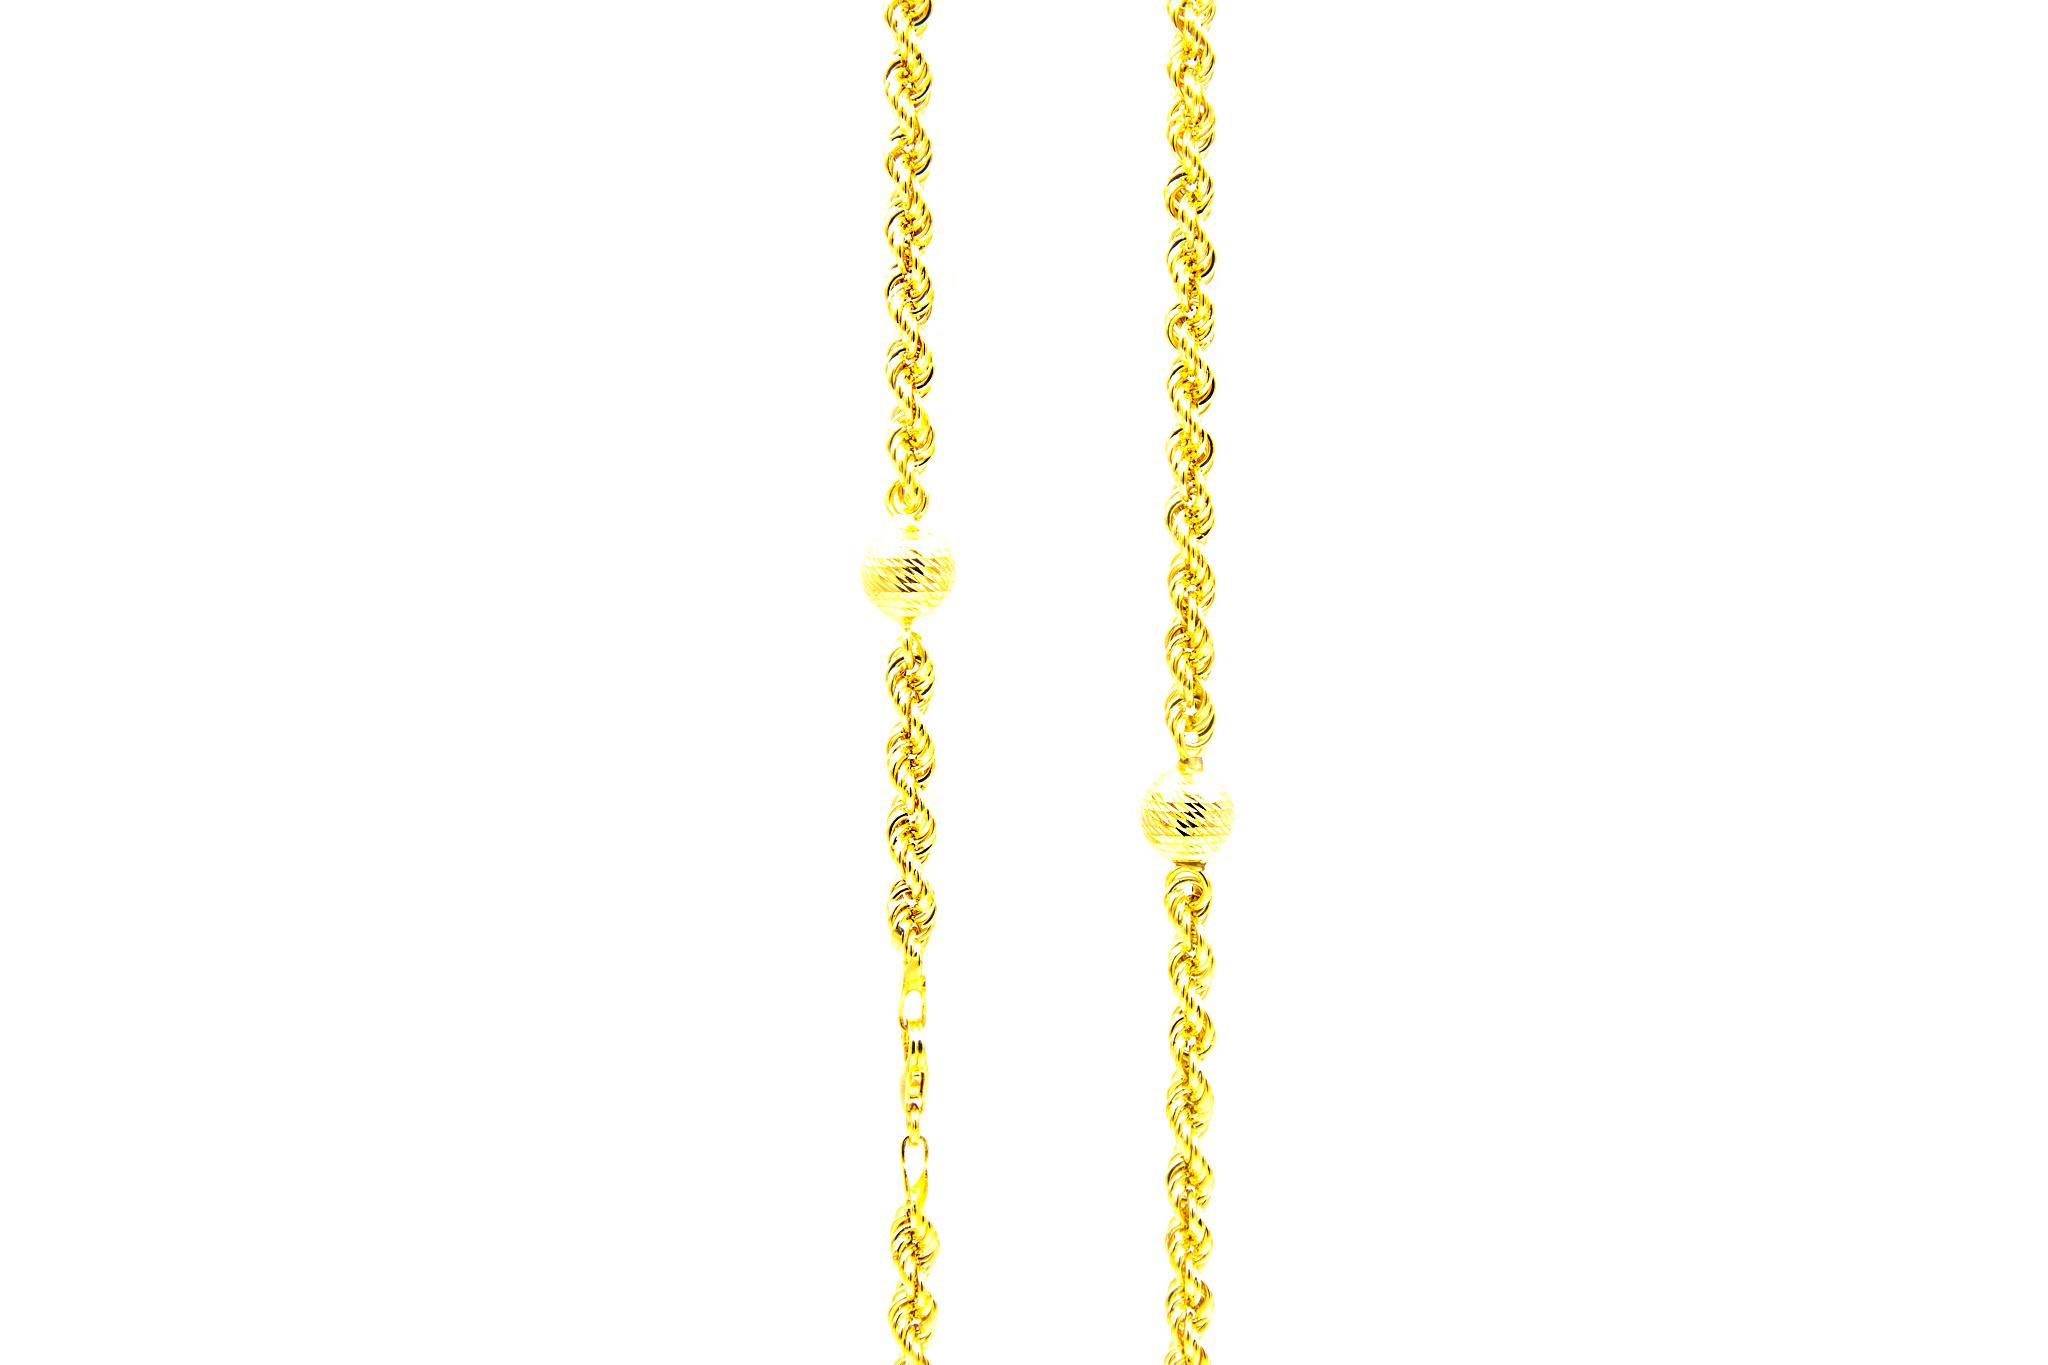 Ketting rope chain met 7 bewerkte bollen-1